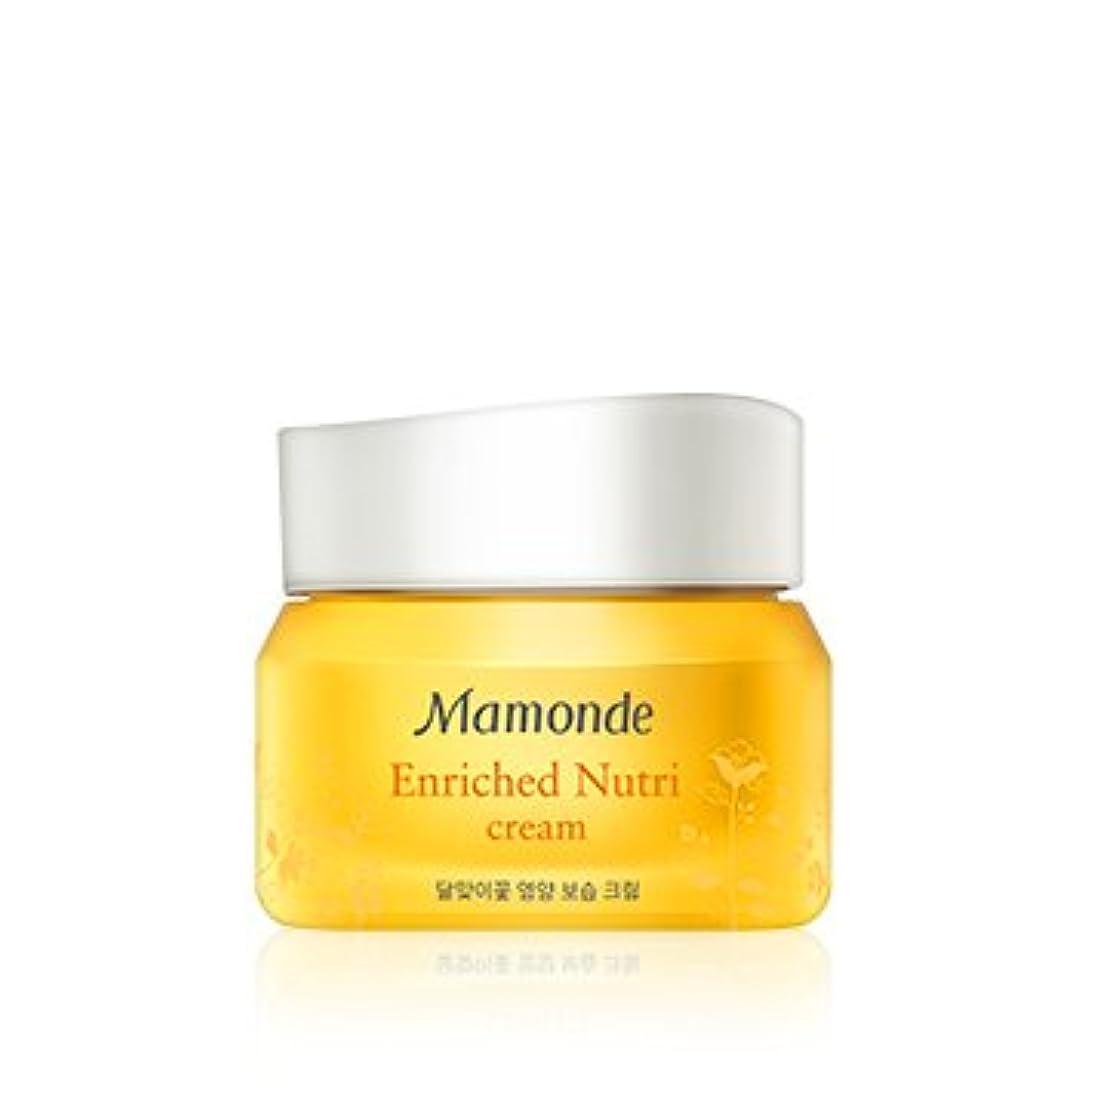 緩める全国分解する[New] Mamonde Enriched Nutri Cream 50ml/マモンド エンリッチド ニュートリ クリーム 50ml [並行輸入品]